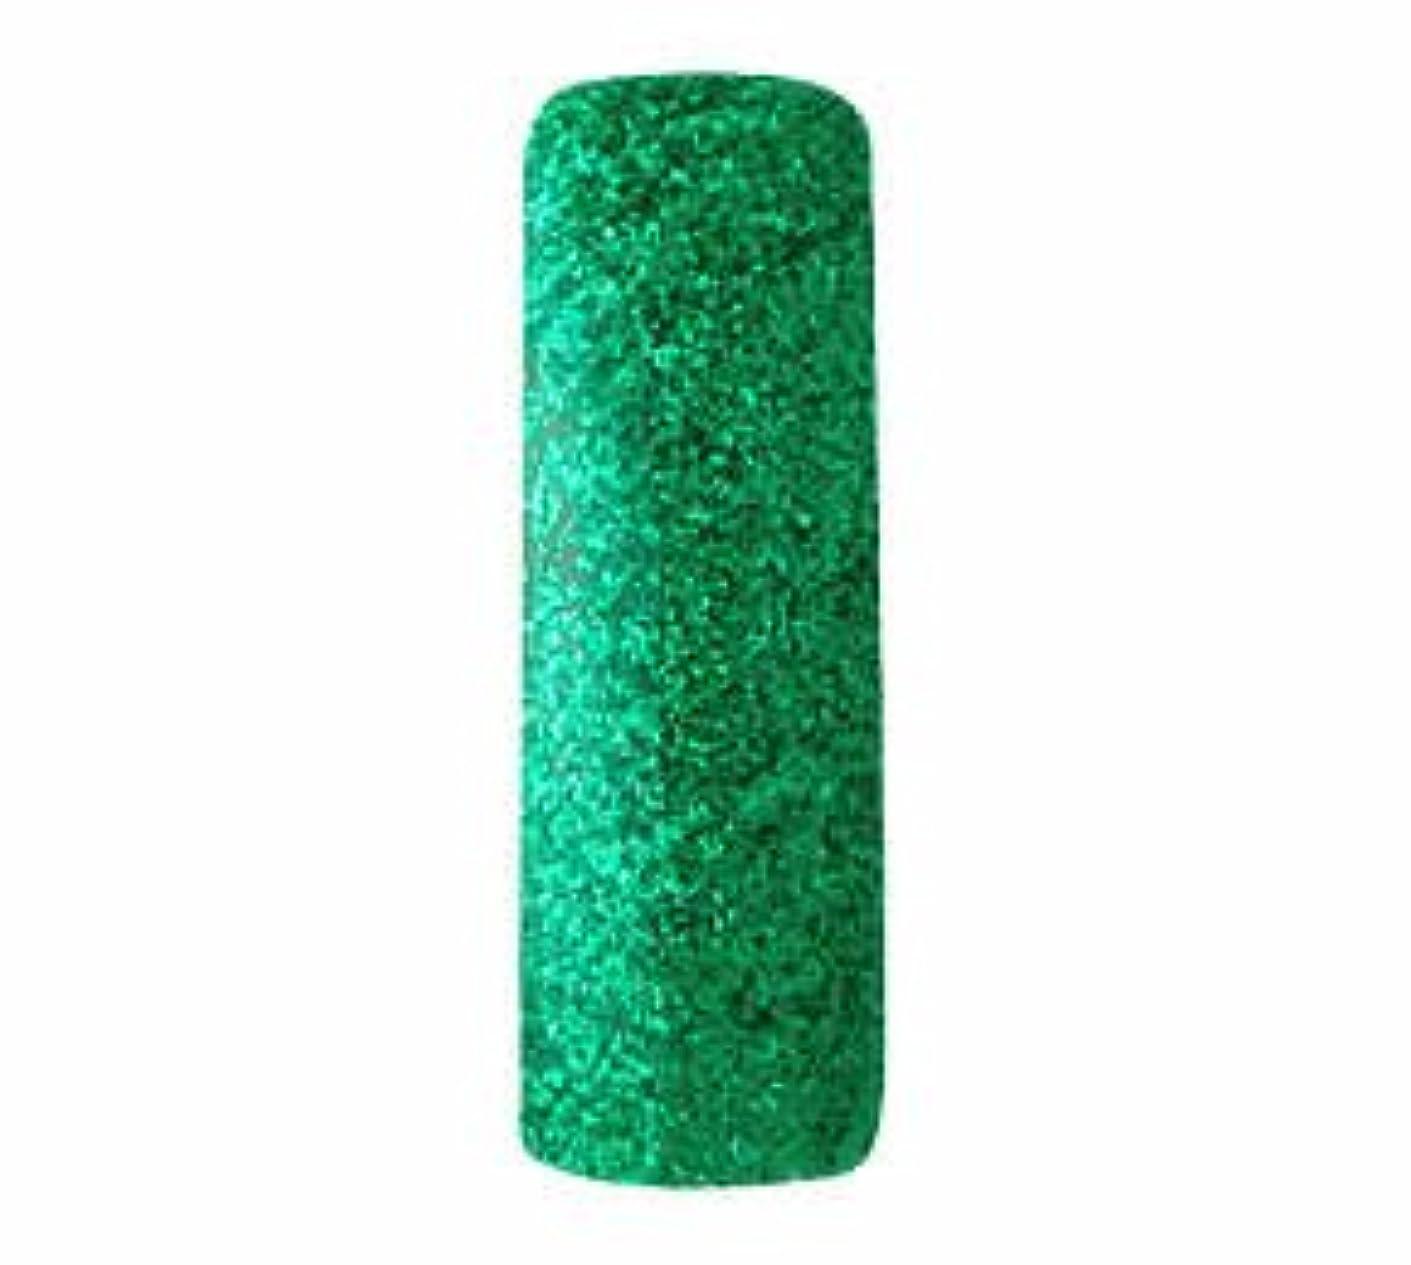 ペダル疲労説教するCHRISTRIO ジェラッカー 7.4ml 248 クリスマスグリーン